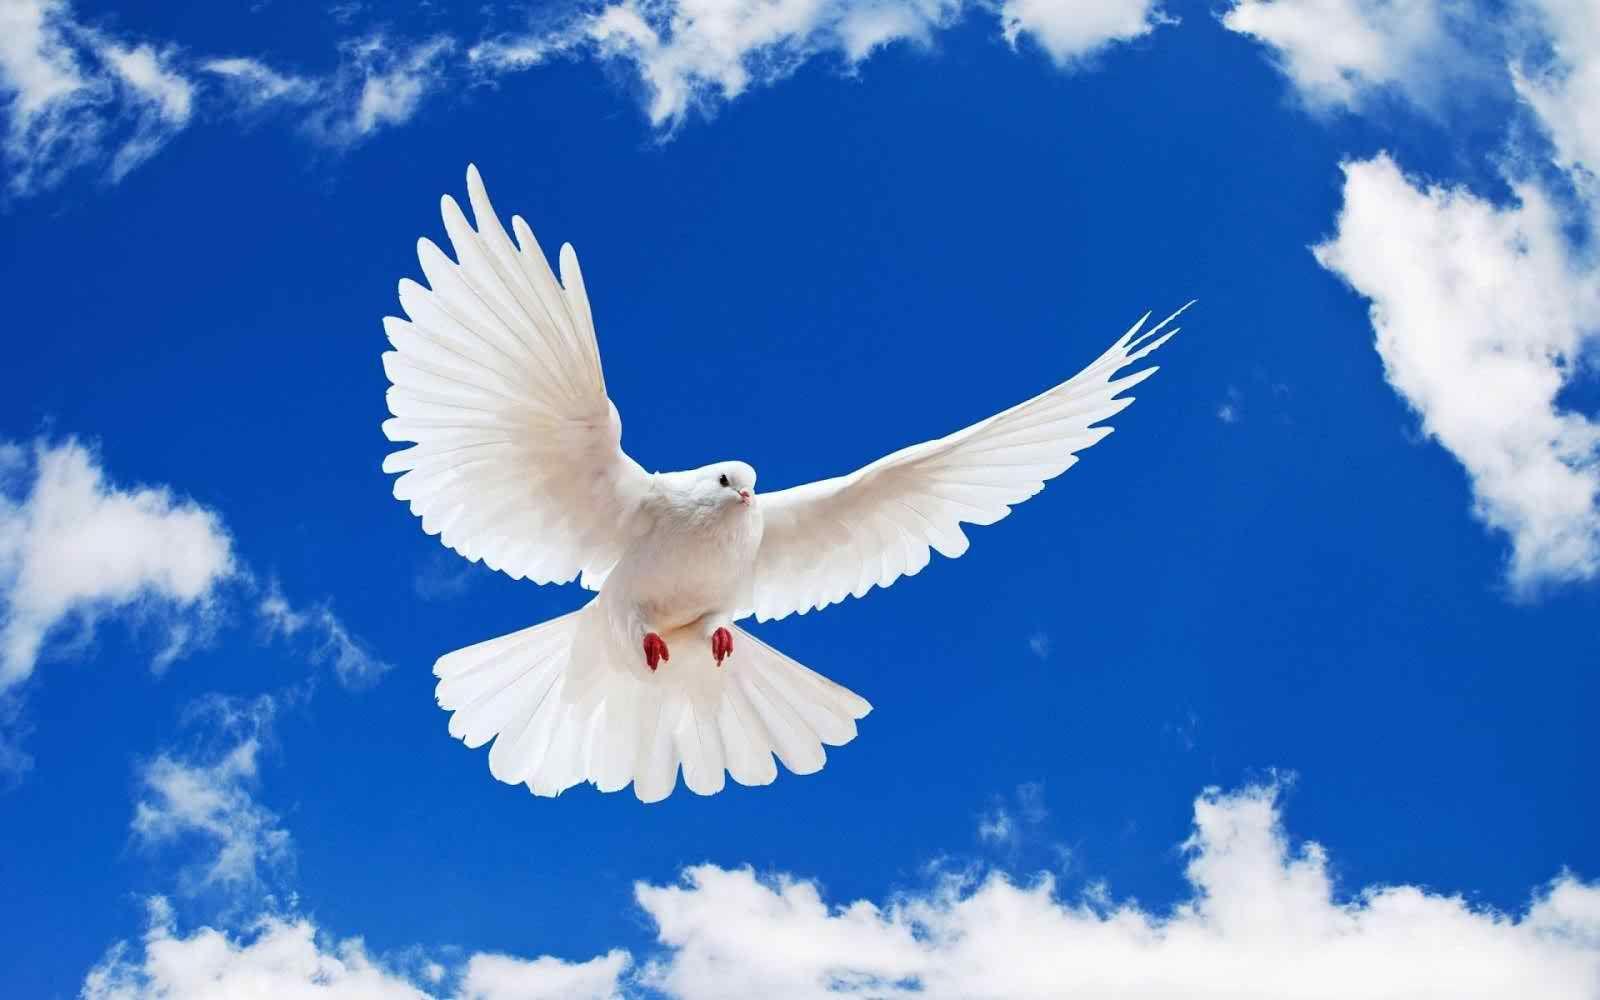 Flying Birds Hd Wallpapers For Desktop Dove Flying White Doves Animal Wallpaper